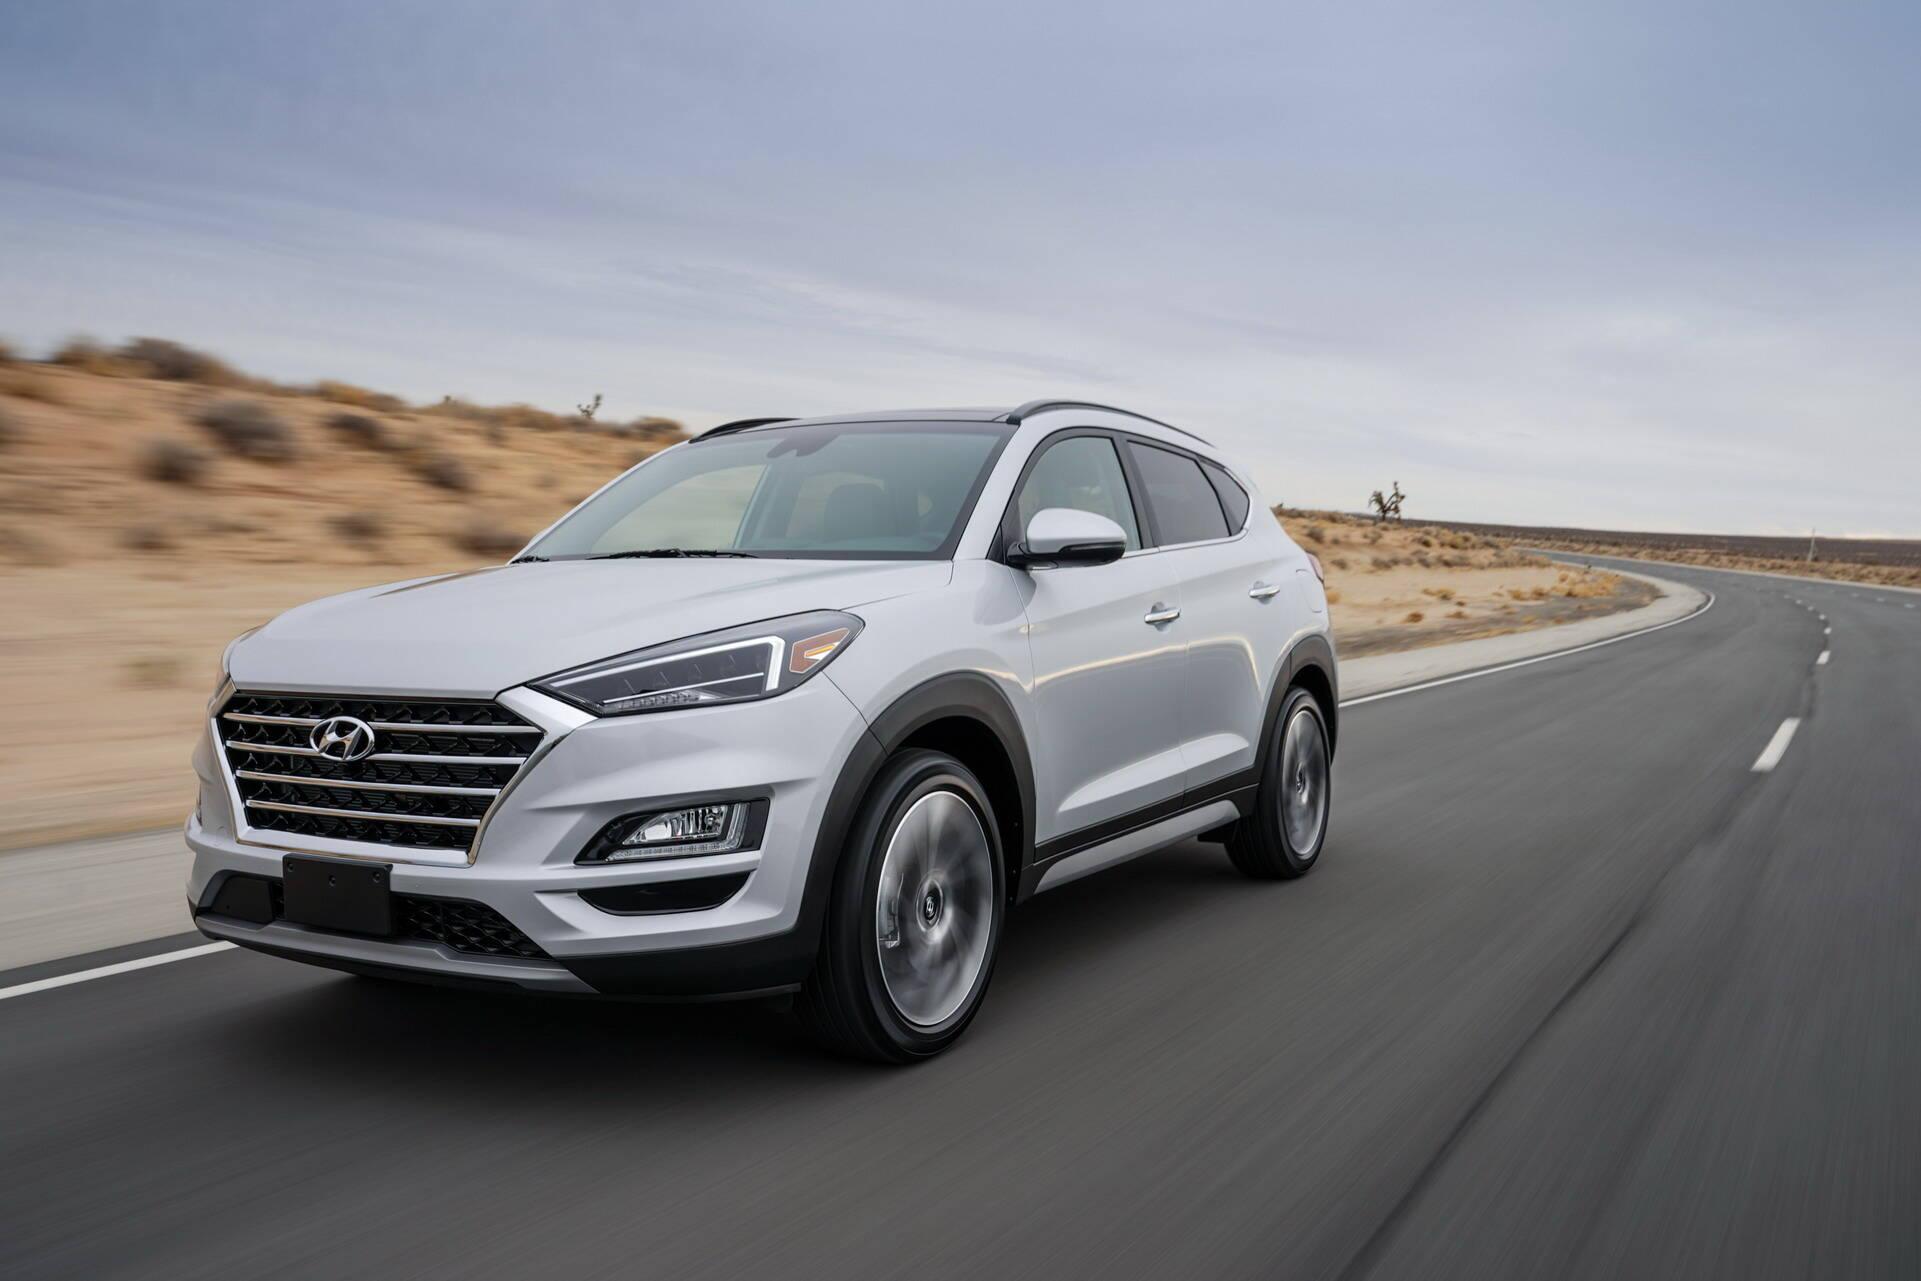 Hyundai Tucson. Foto: Divulgação